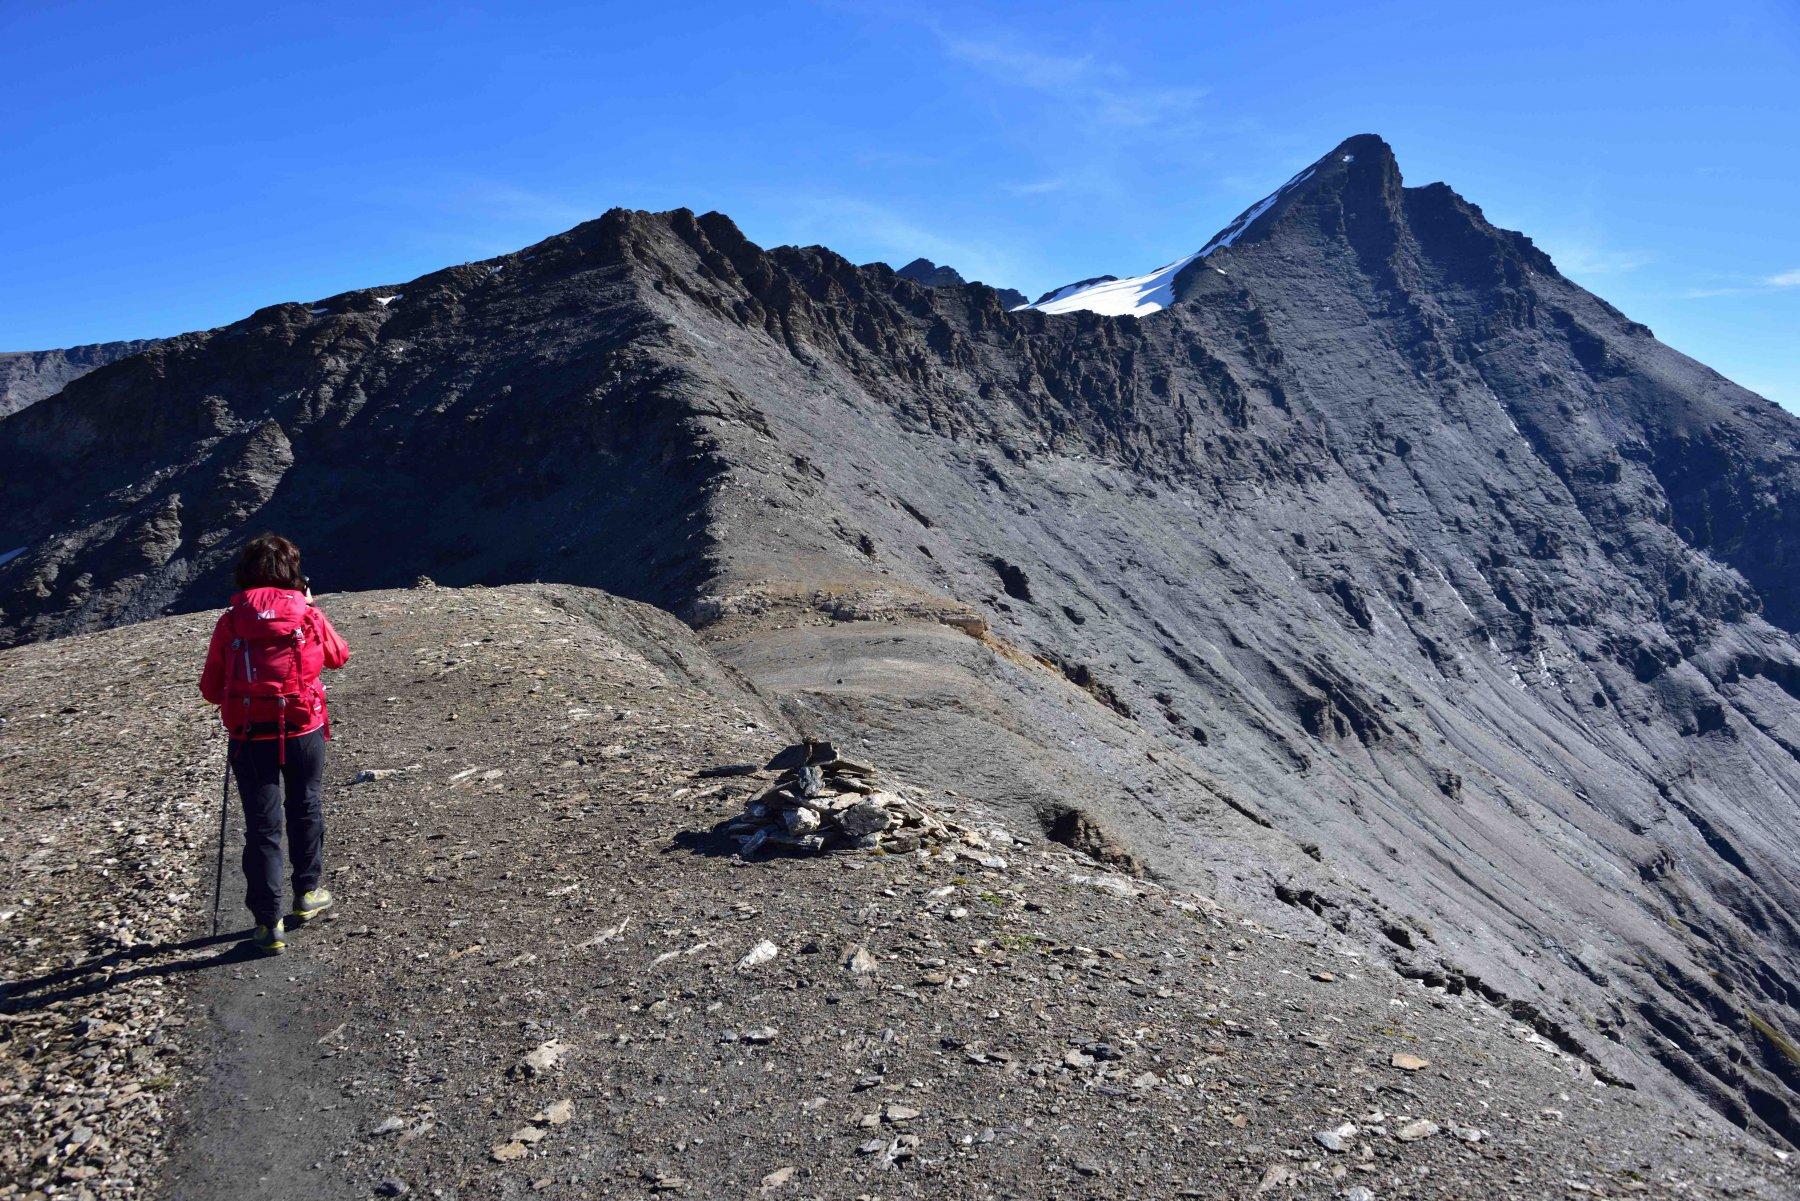 La cresta Ovest della Grande Sassiere dalla spalla q.3129.